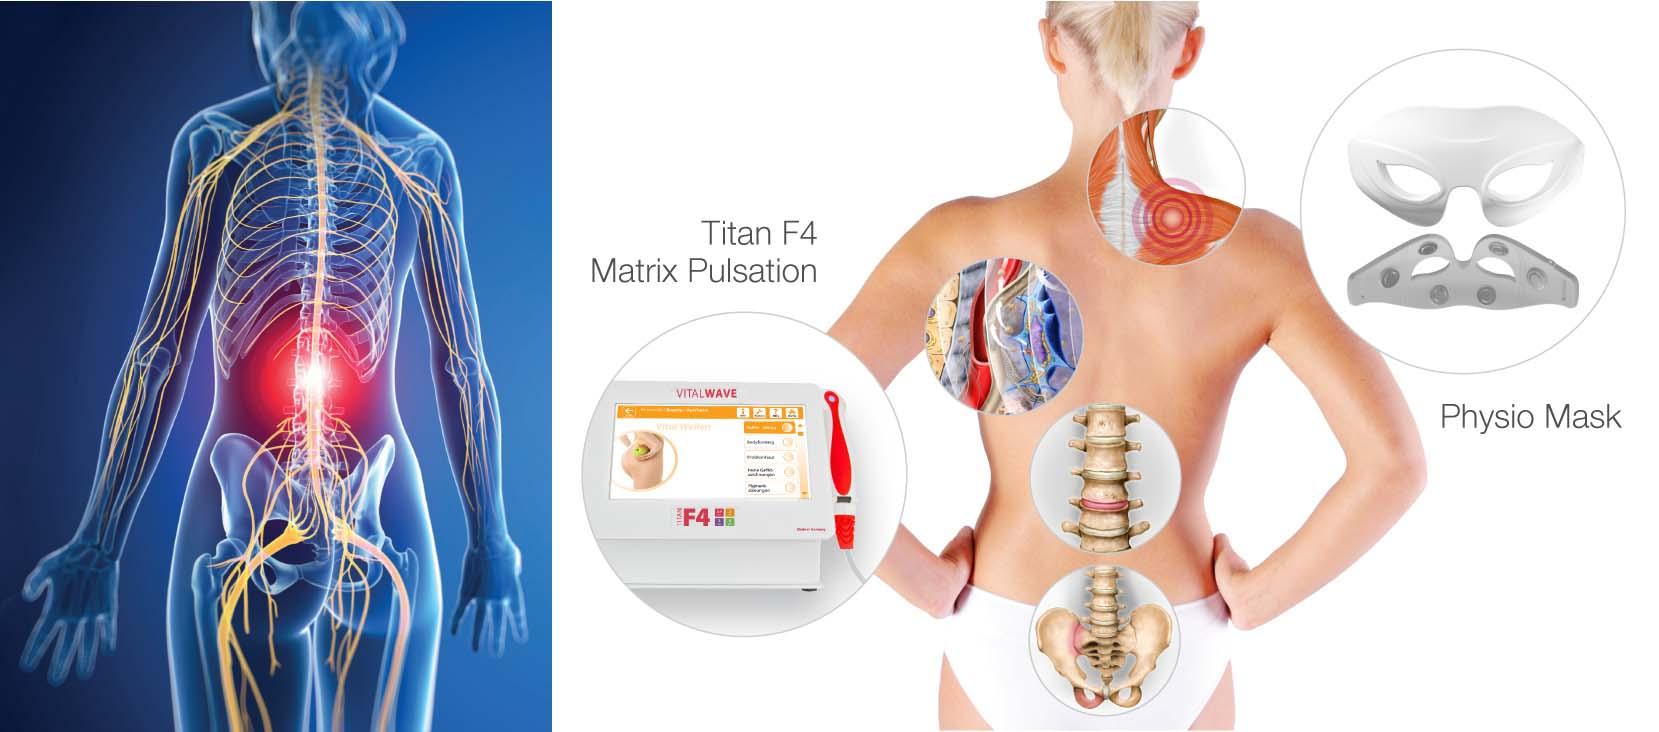 Ziemlich Menschliche Anatomie Und Physiologie Bewertung ...